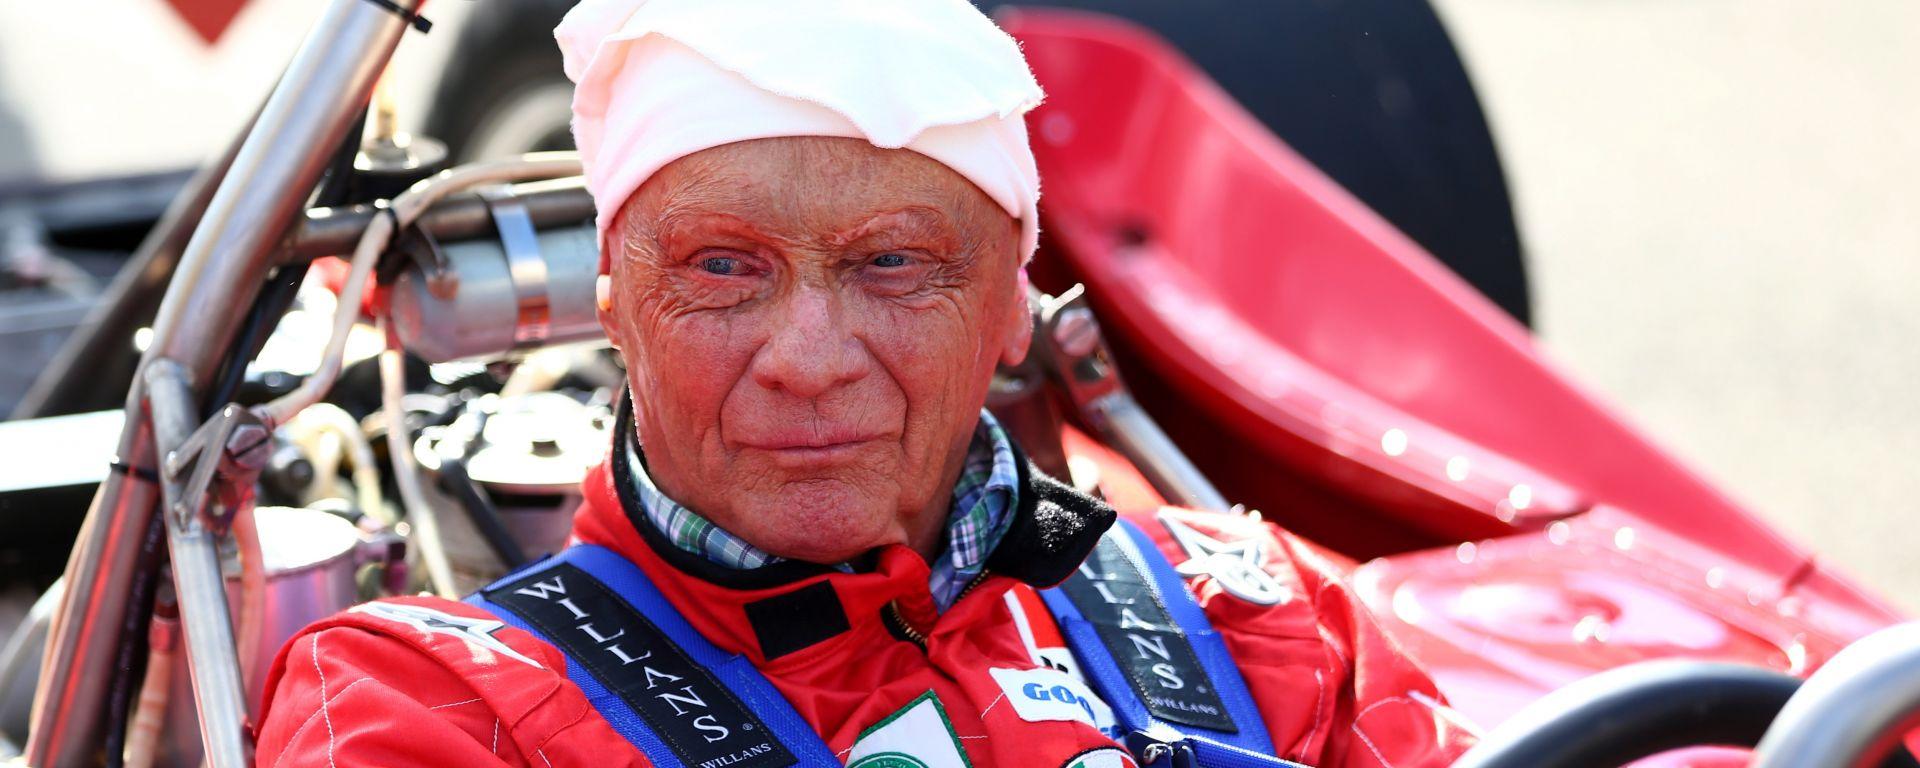 Niki Lauda esce dall'ospedale, lo rivedremo nel box Mercedes